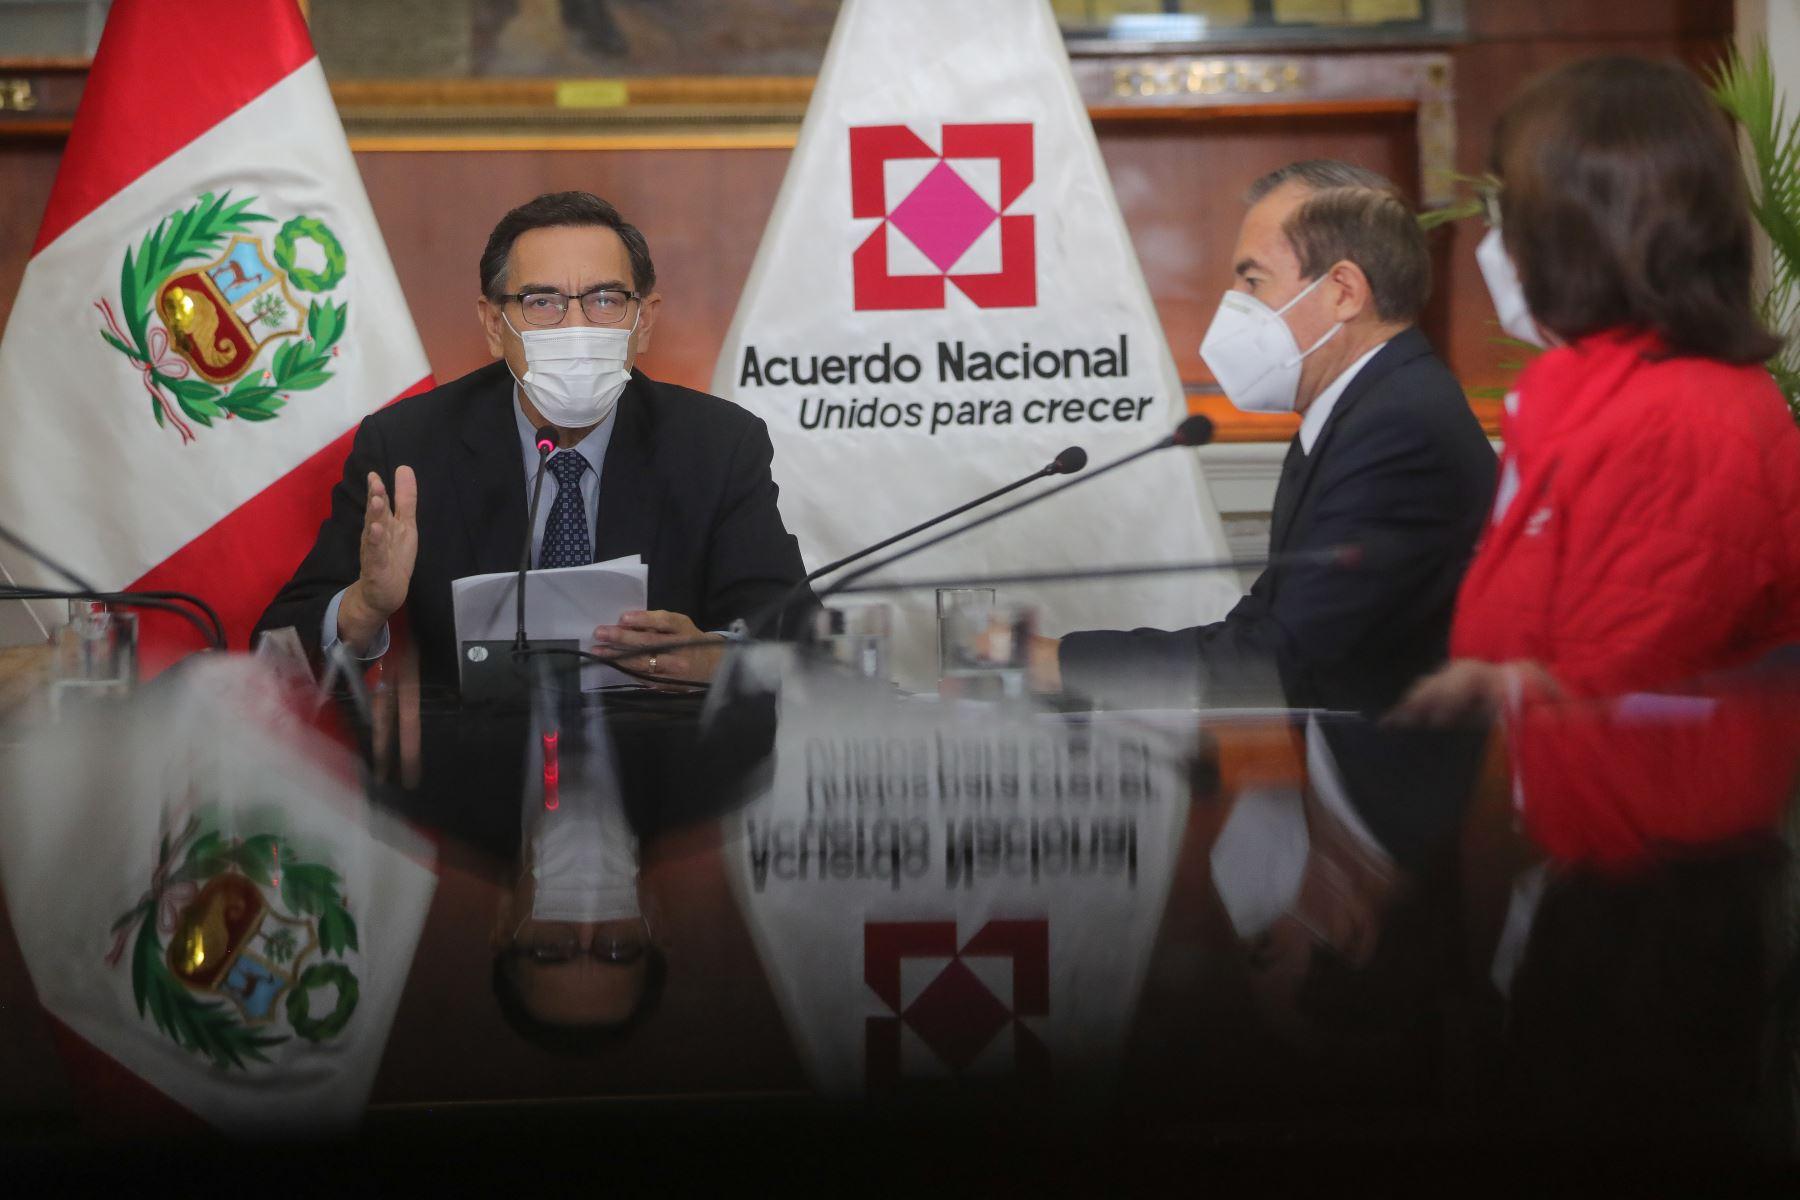 El presidente Martin Vizcarra y premier Walter Martos participan en reunión donde se expondrán las propuestas del Pacto Perú. Foto: ANDINA/Prensa Presidencia